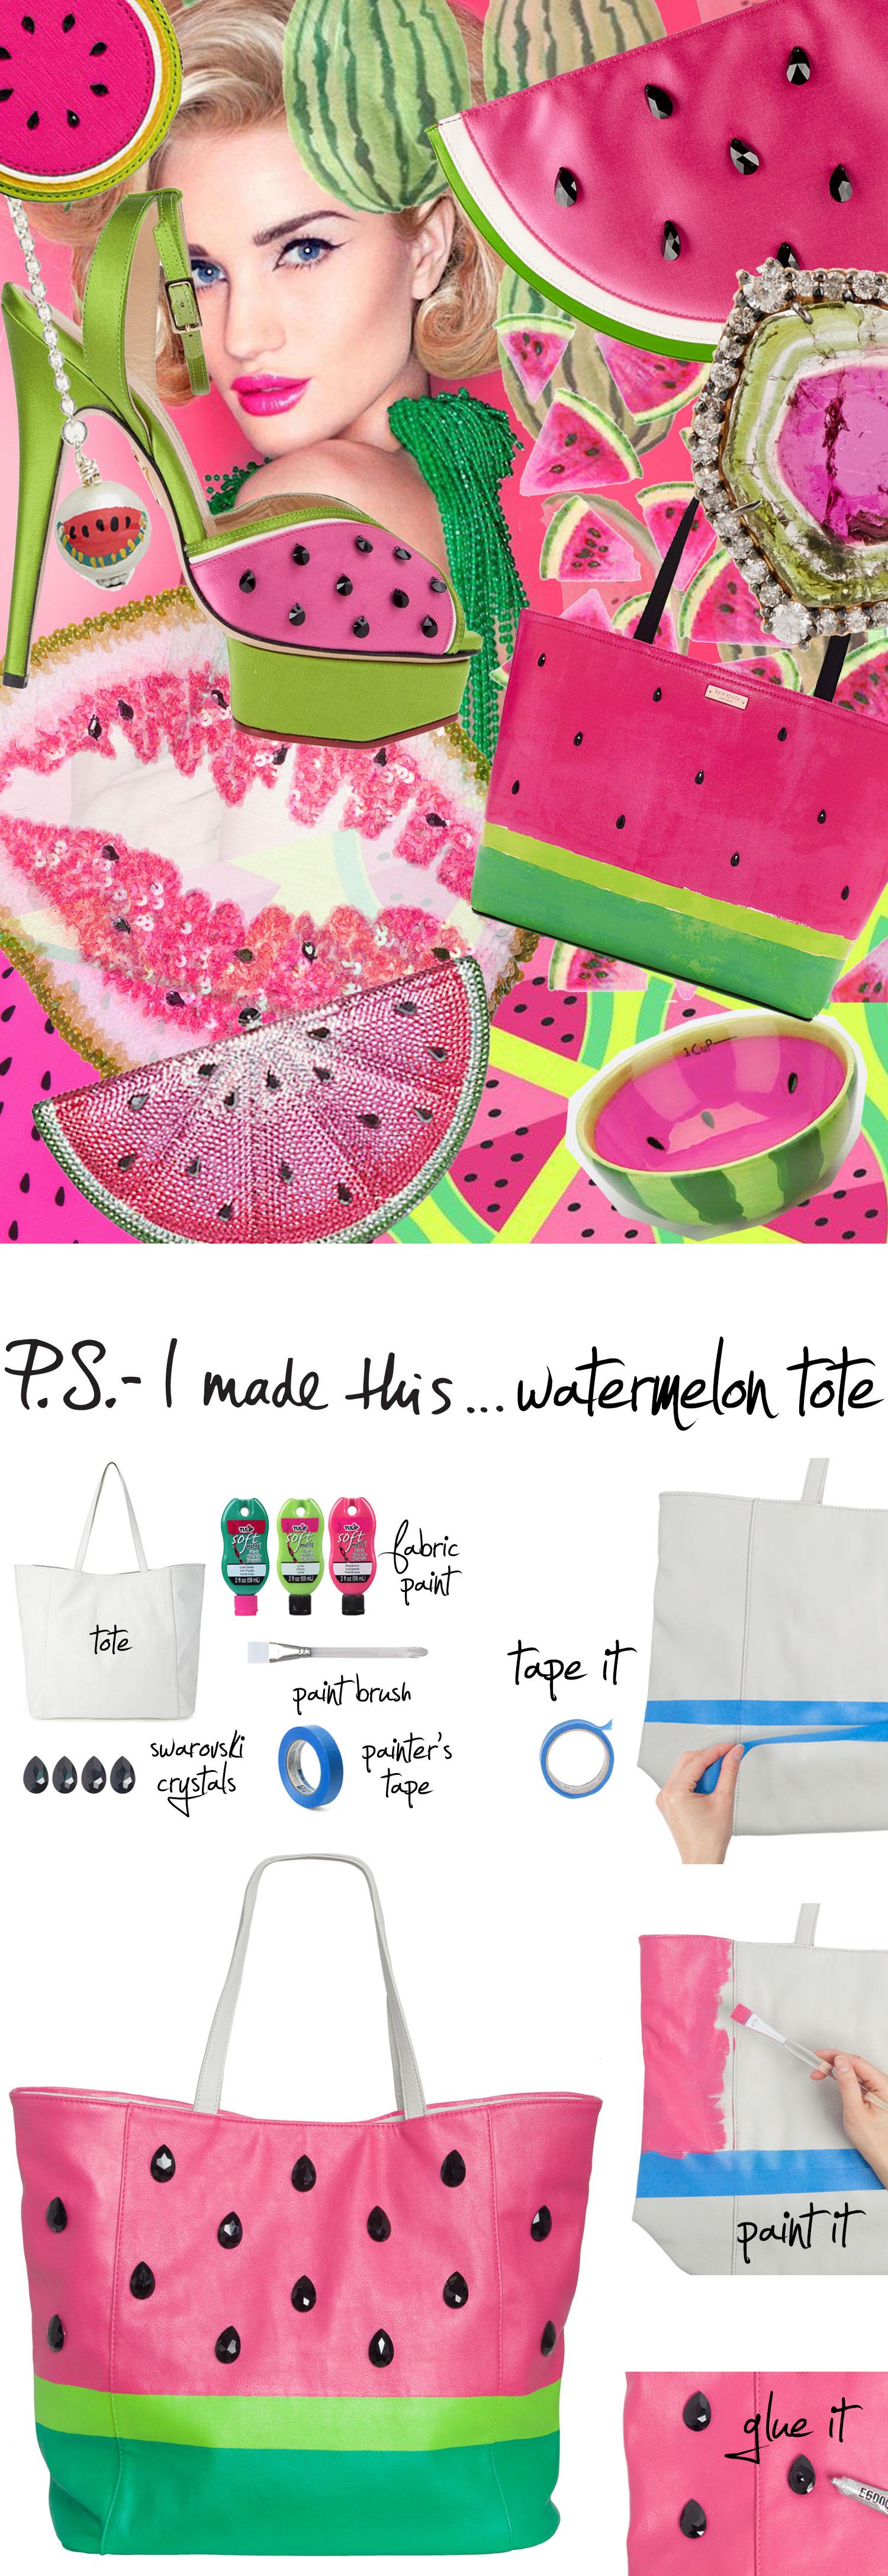 07.02.15_Watermelon-Tote